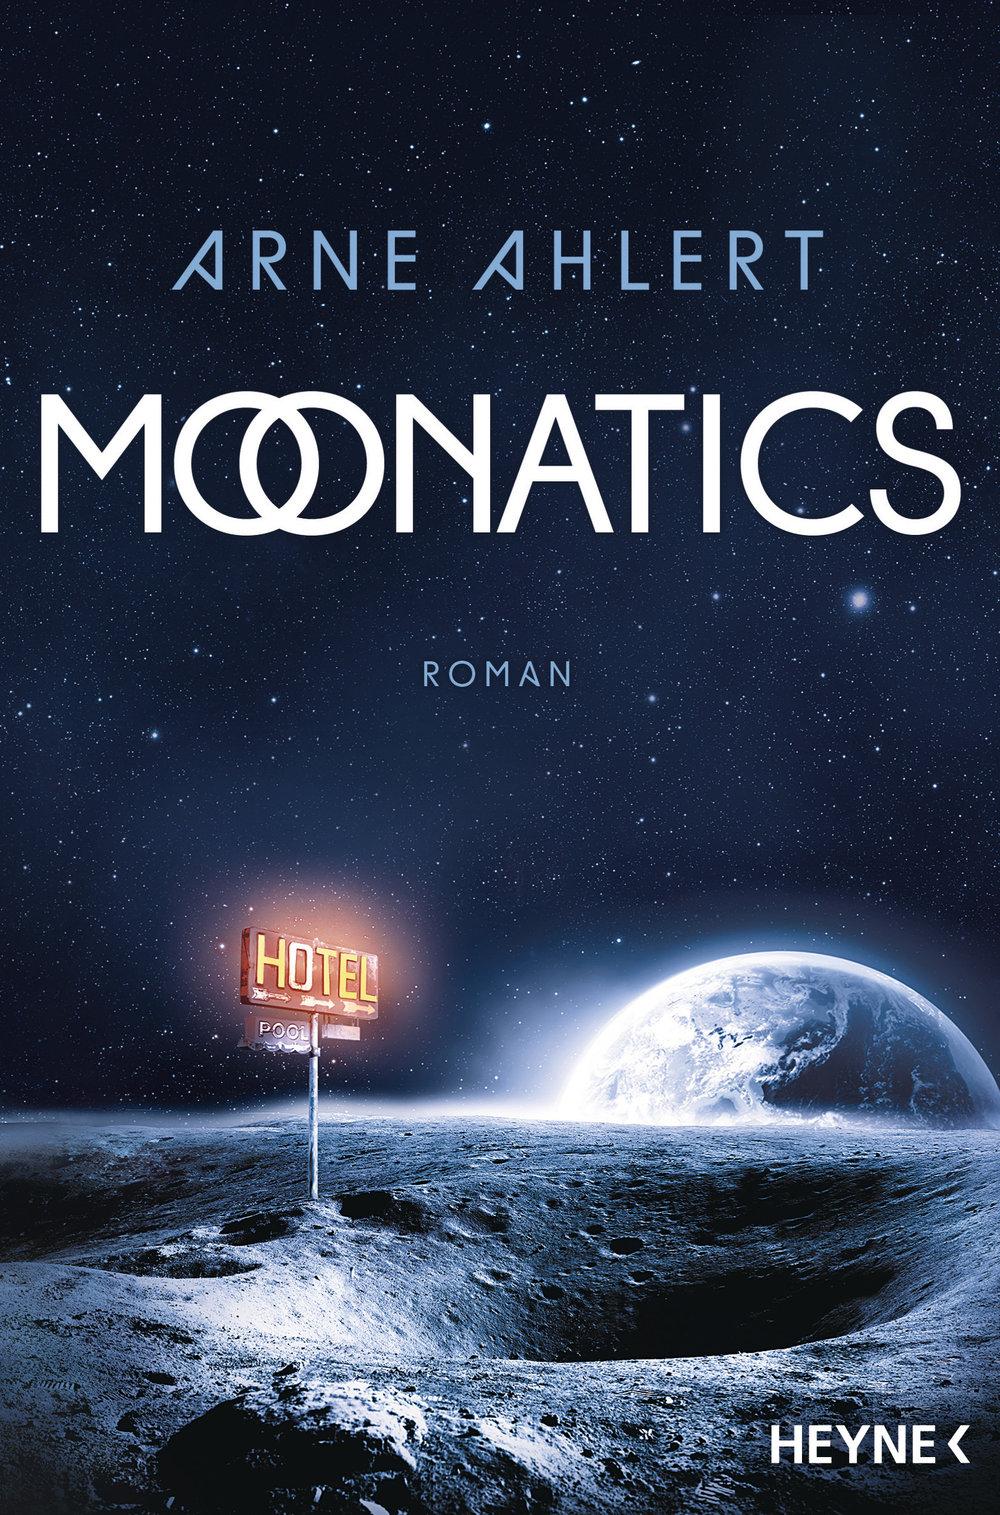 """""""Moonatics"""" war für mich einer jener Science- Fiction- Romane, bei sich die Frage stellt, ob das geschilderte Abenteuer vielleicht sogar irgendwann in einer ähnlichen Form möglich sein wird. Denn  Darian,  der Protagonist, unternimmt eine Reise zum Mond. Dort trifft er auf die Moonatics, die Menschen, die mittlerweile zum Mond ausgewandert sind, und entschließt sich, ebenfalls dort zu bleiben.    Meine Rezension findet Ihr hier."""